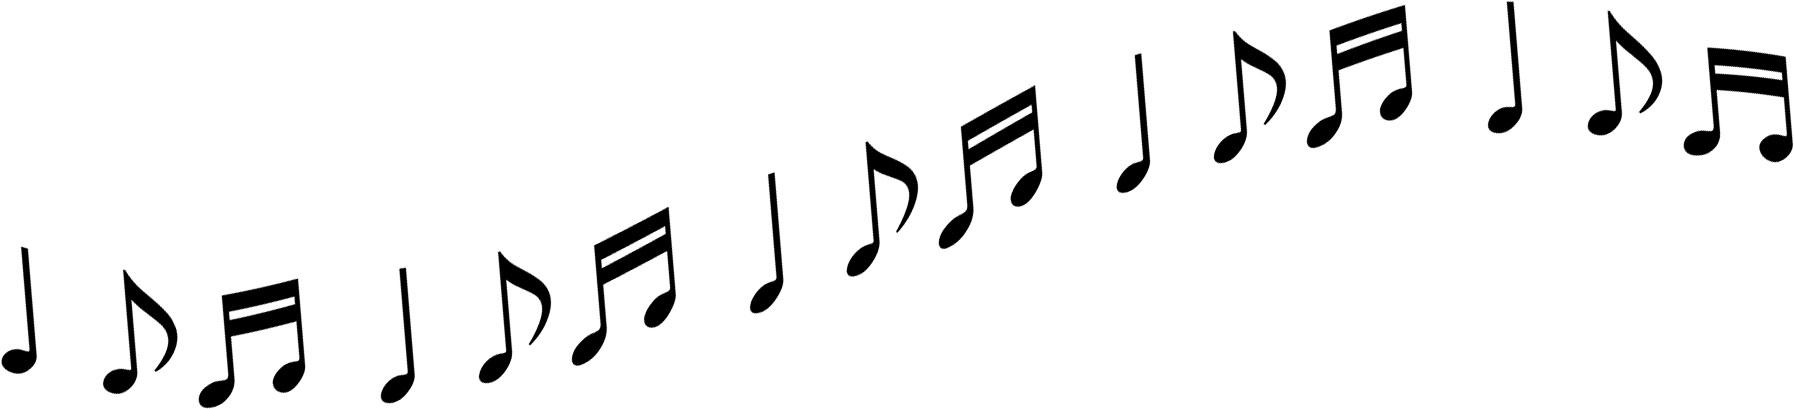 音符イラスト流れるメロディ黒 無料のフリー素材